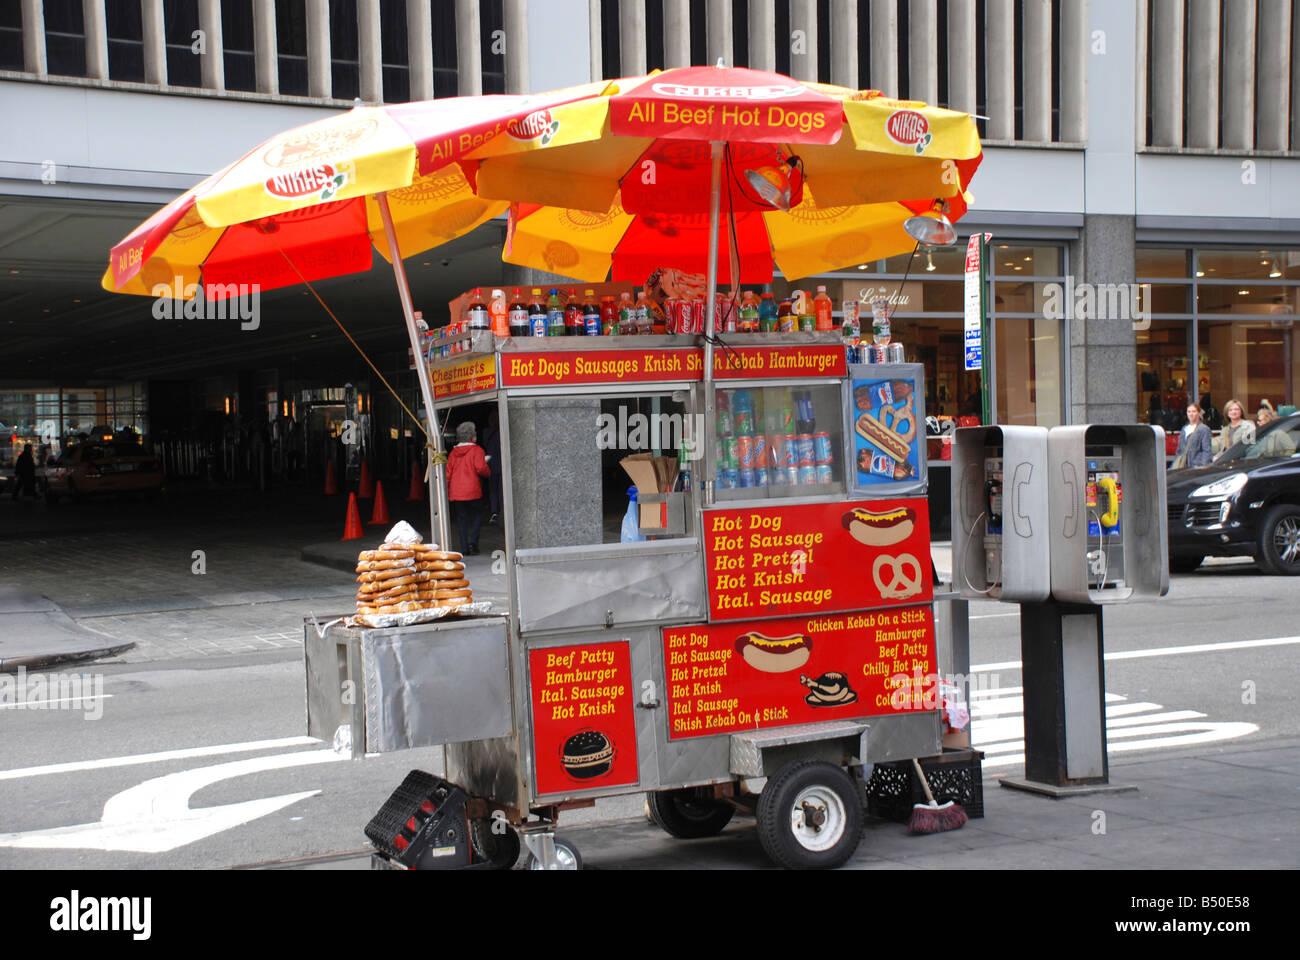 Straßenhändler Wagen für Hot Dogs, Hamburger, Getränke und Brezeln ...